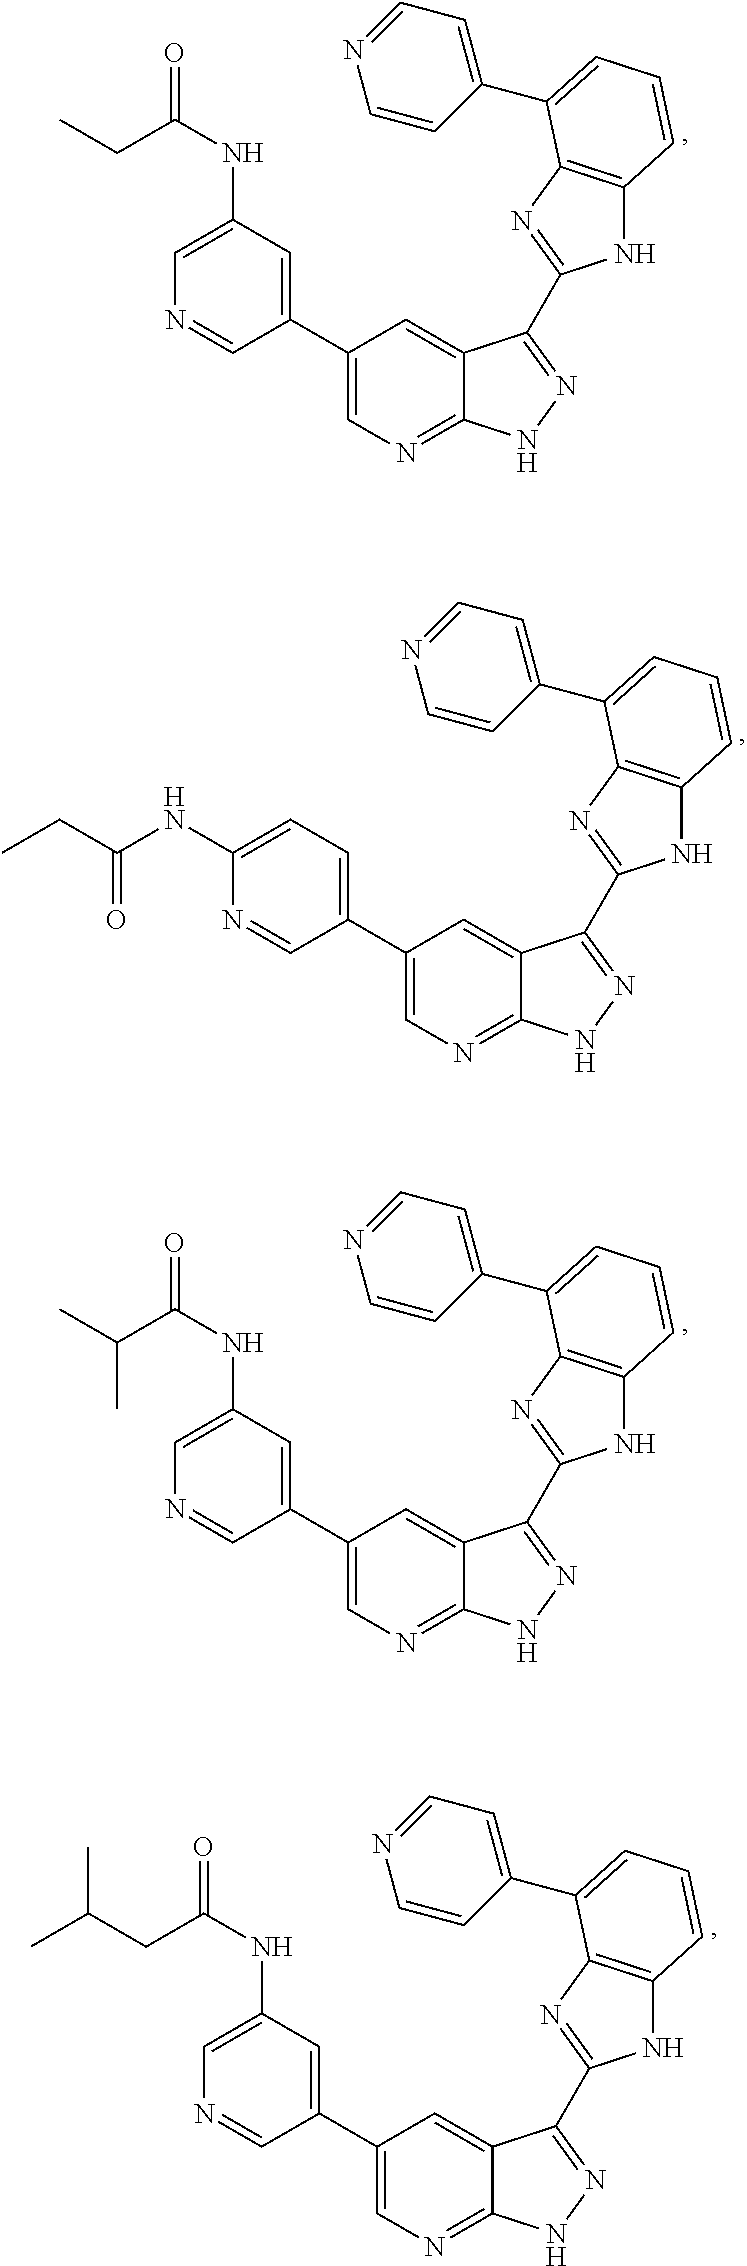 Figure US08618128-20131231-C00019